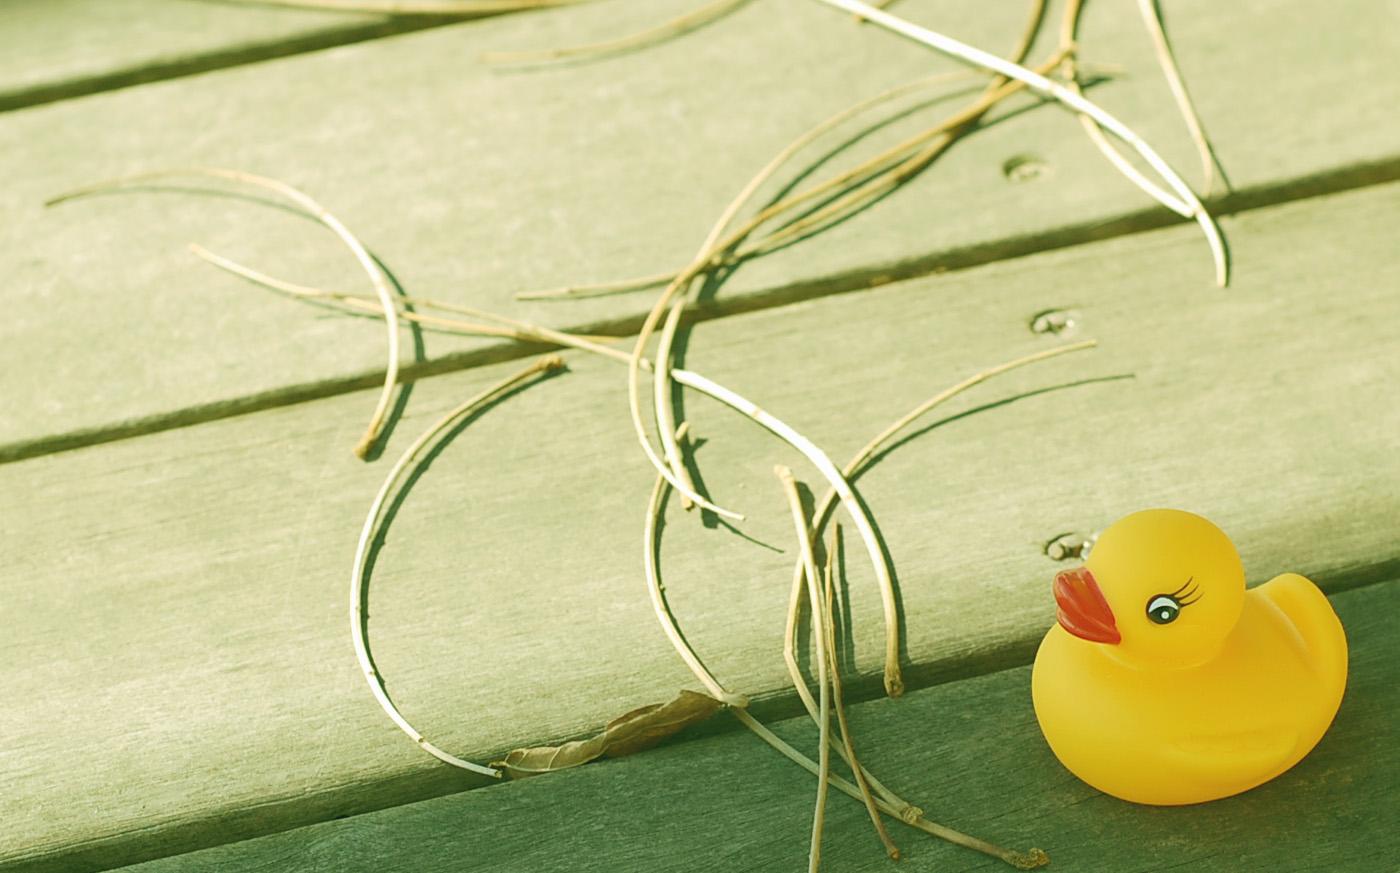 枯れ葉が好き フィルム風 Nikon D40